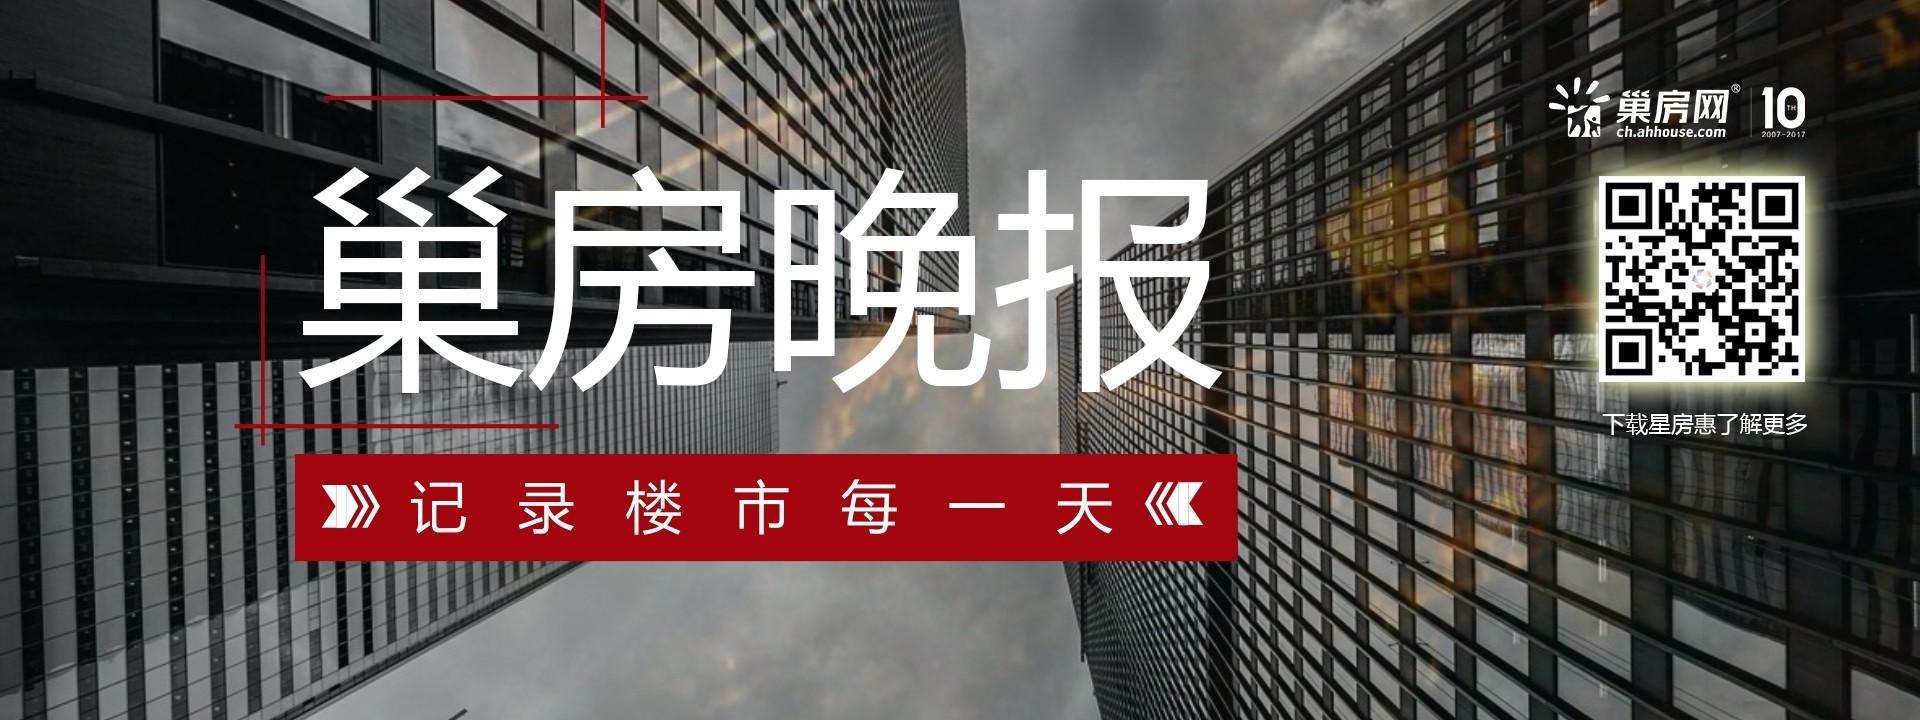 9月19日巢房网新闻晚报:这些楼盘近日即将推新